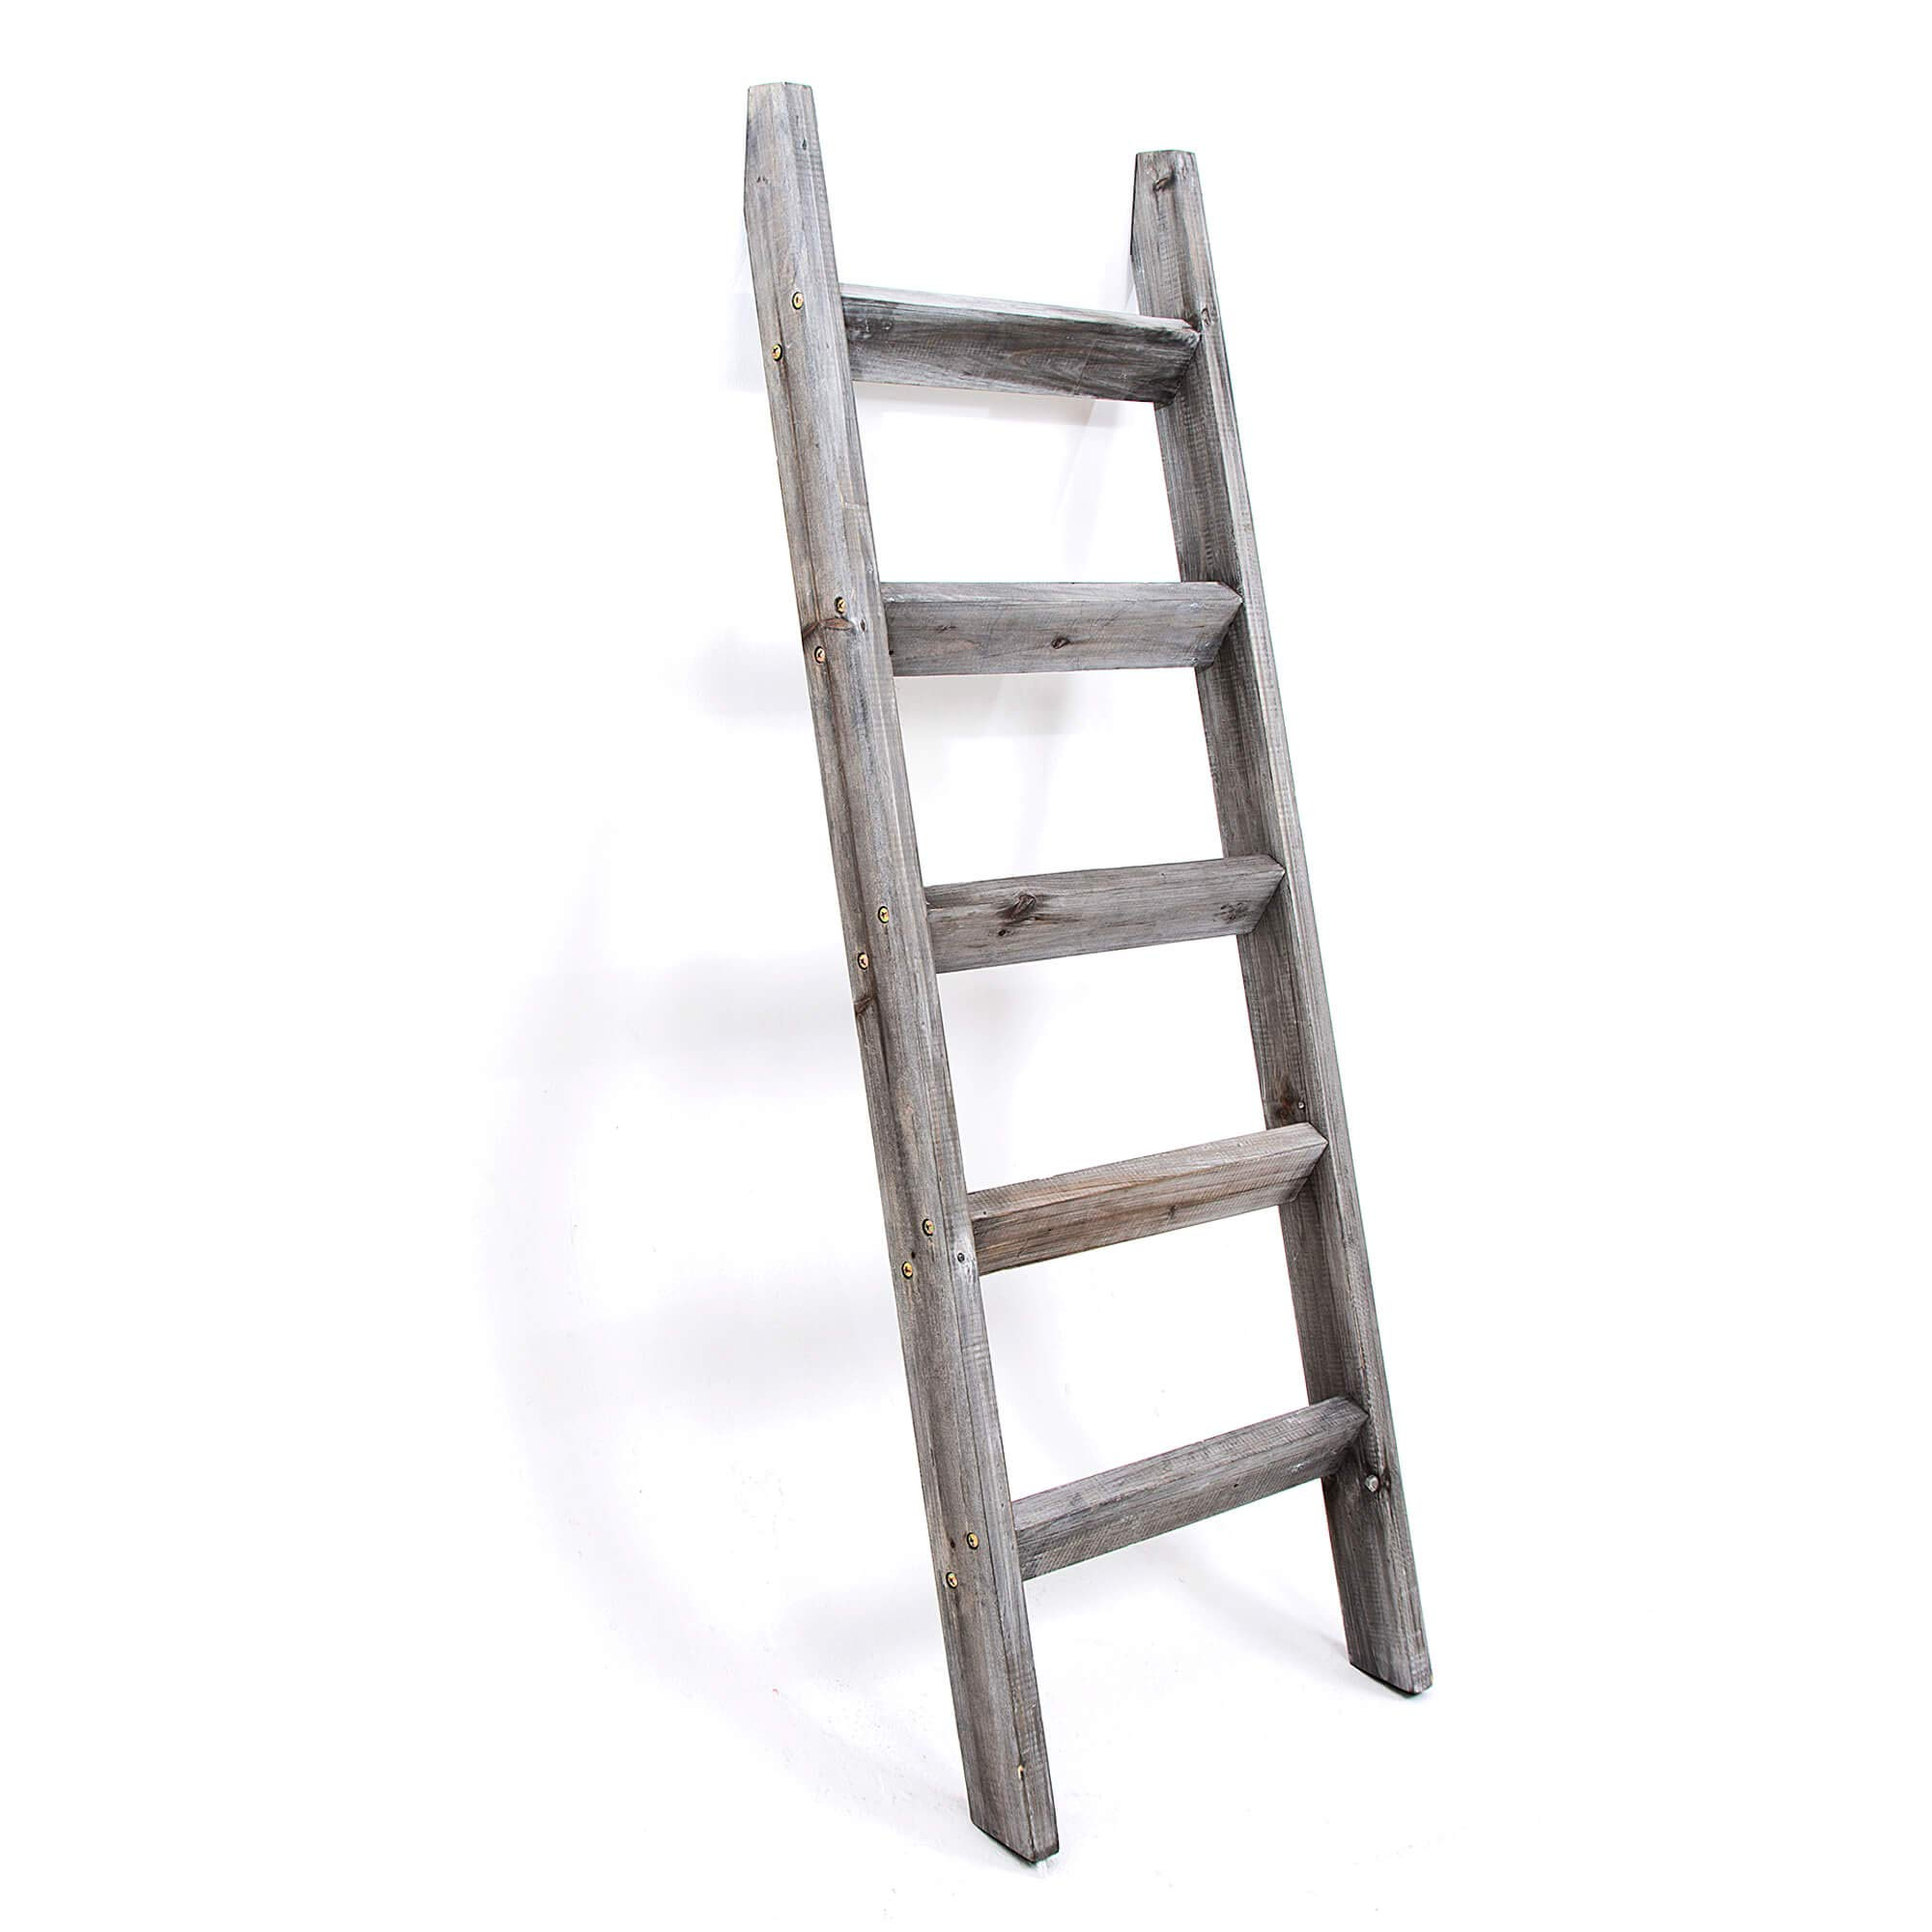 Escalera de Manta de 5 pies Escalera Decorativa de Madera rústica de Primera Calidad. Decoración de Madera Vintage de Color Blanco. Soporte para Mantas: Amazon.es: Hogar